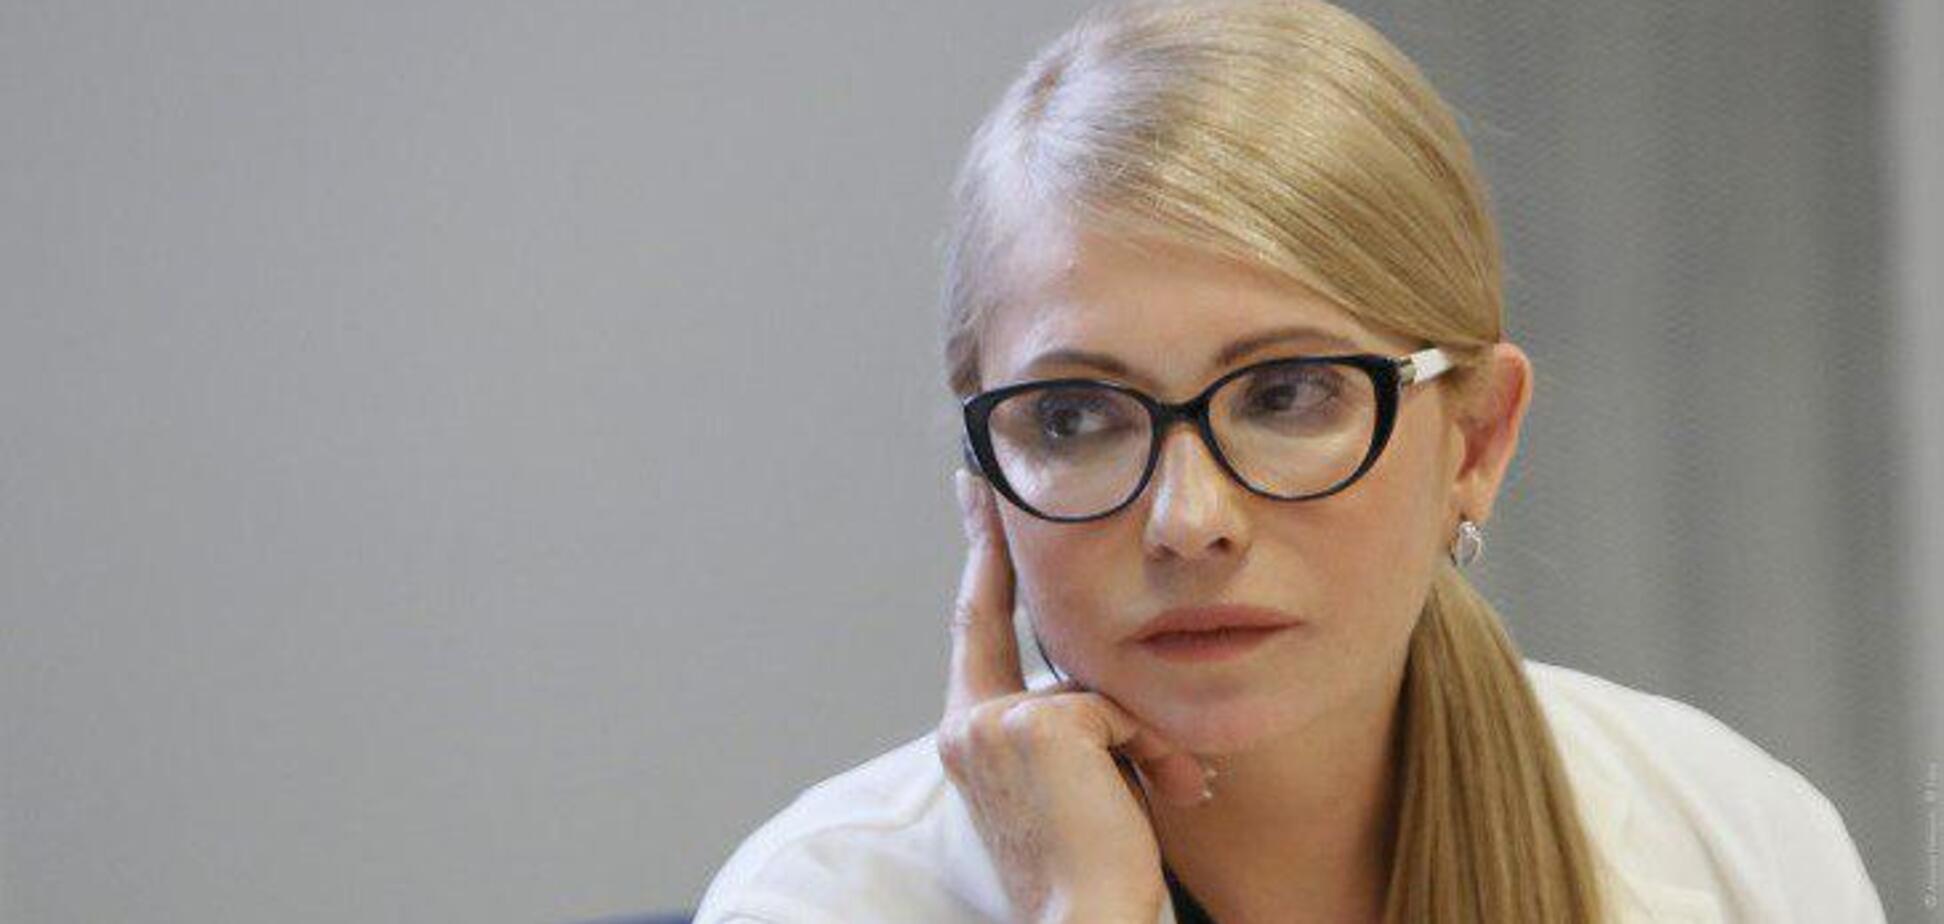 Тимошенко переможе на виборах при прозорому підрахунку голосів - Крулько